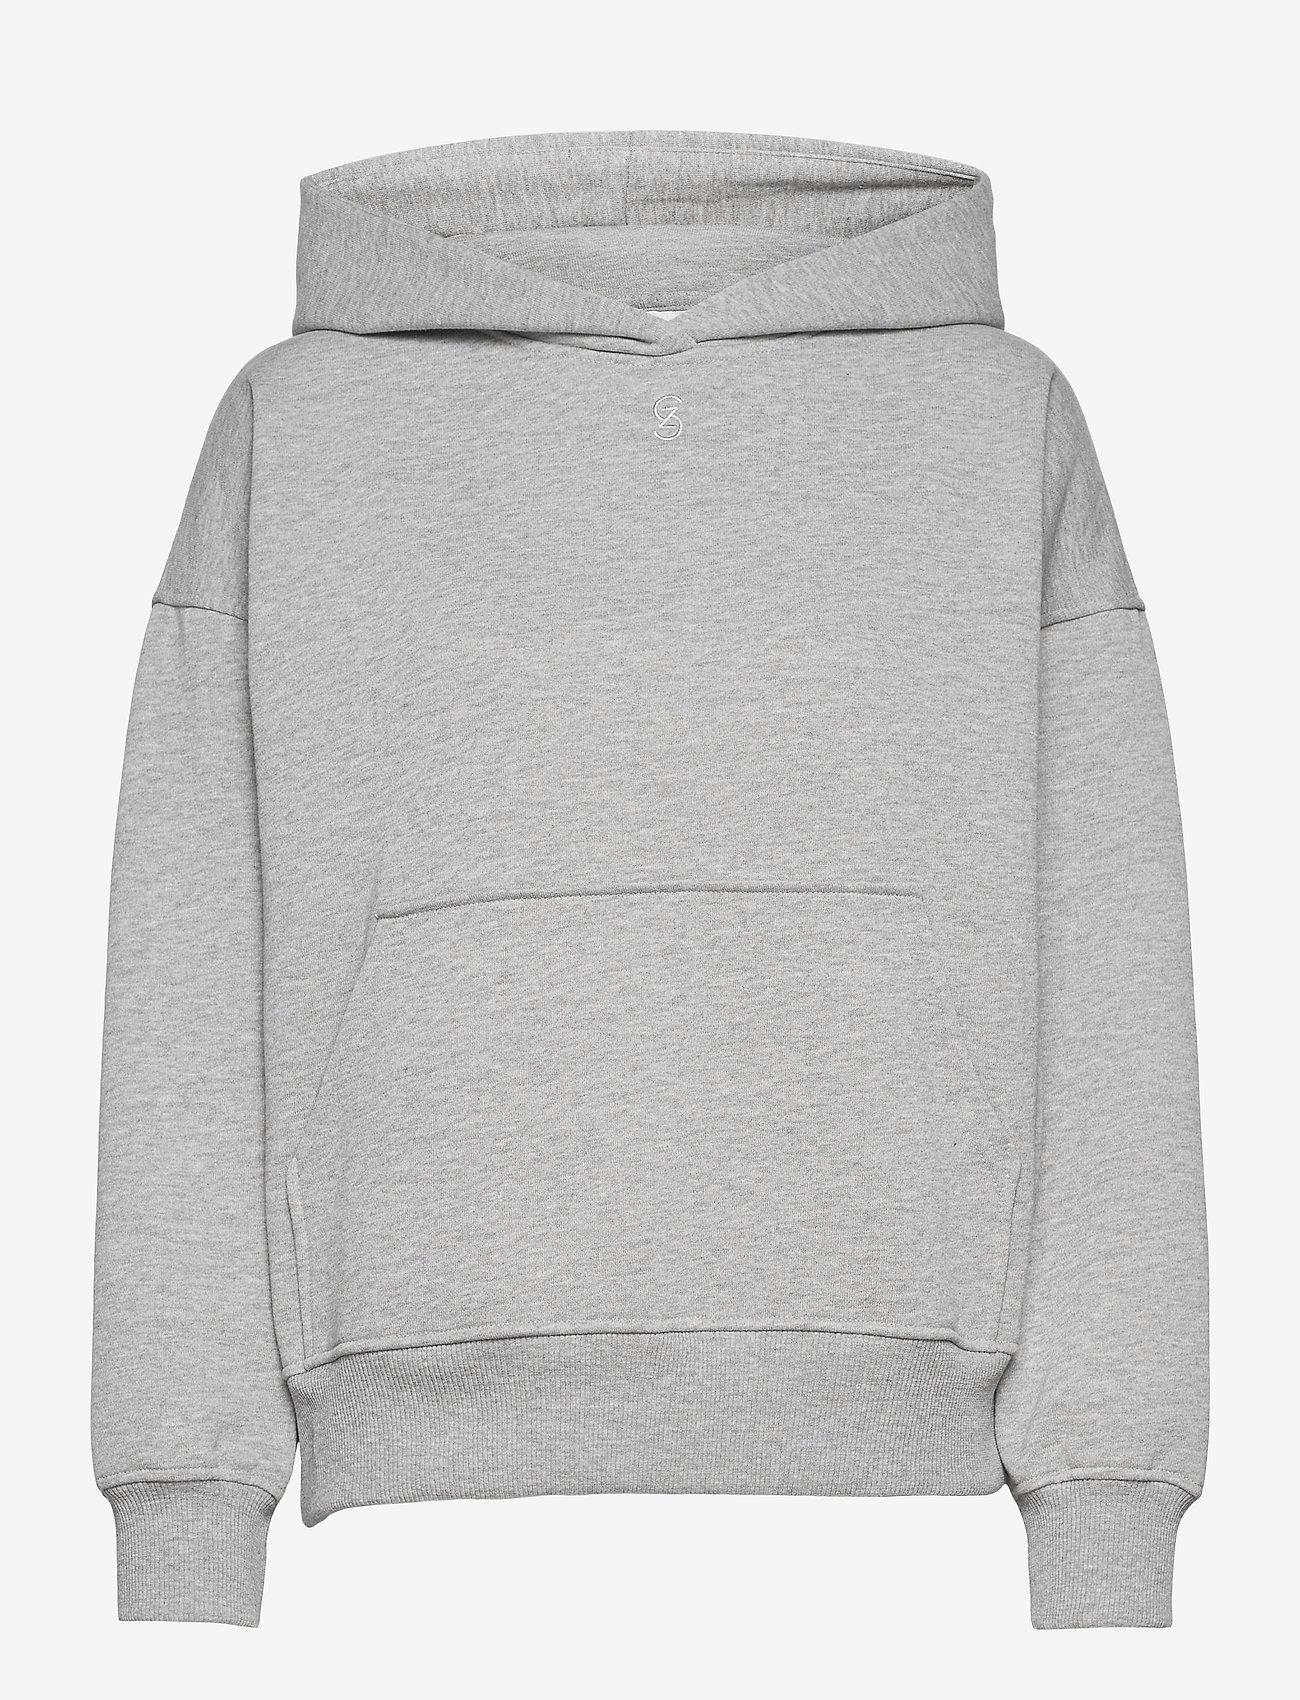 Gestuz - RubiGZ hoodie NOOS - sweatshirts & hættetrøjer - light grey melange - 0